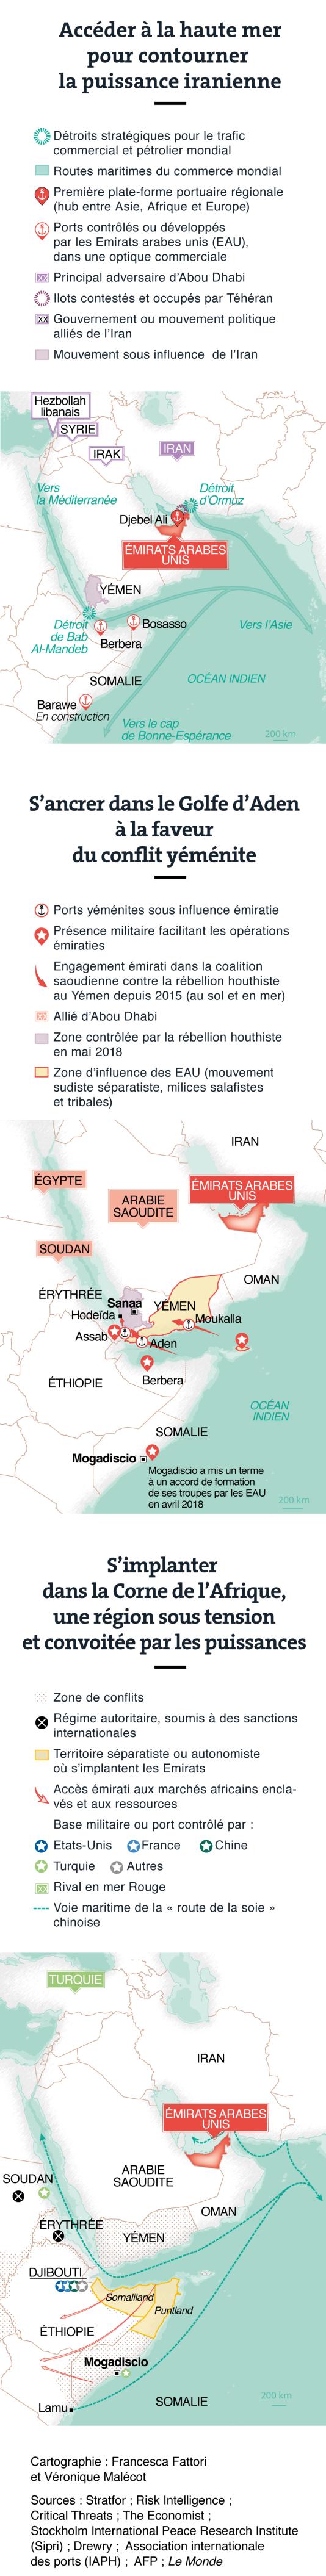 La stratégie des Emirats arabes unis, à la conquête des mers